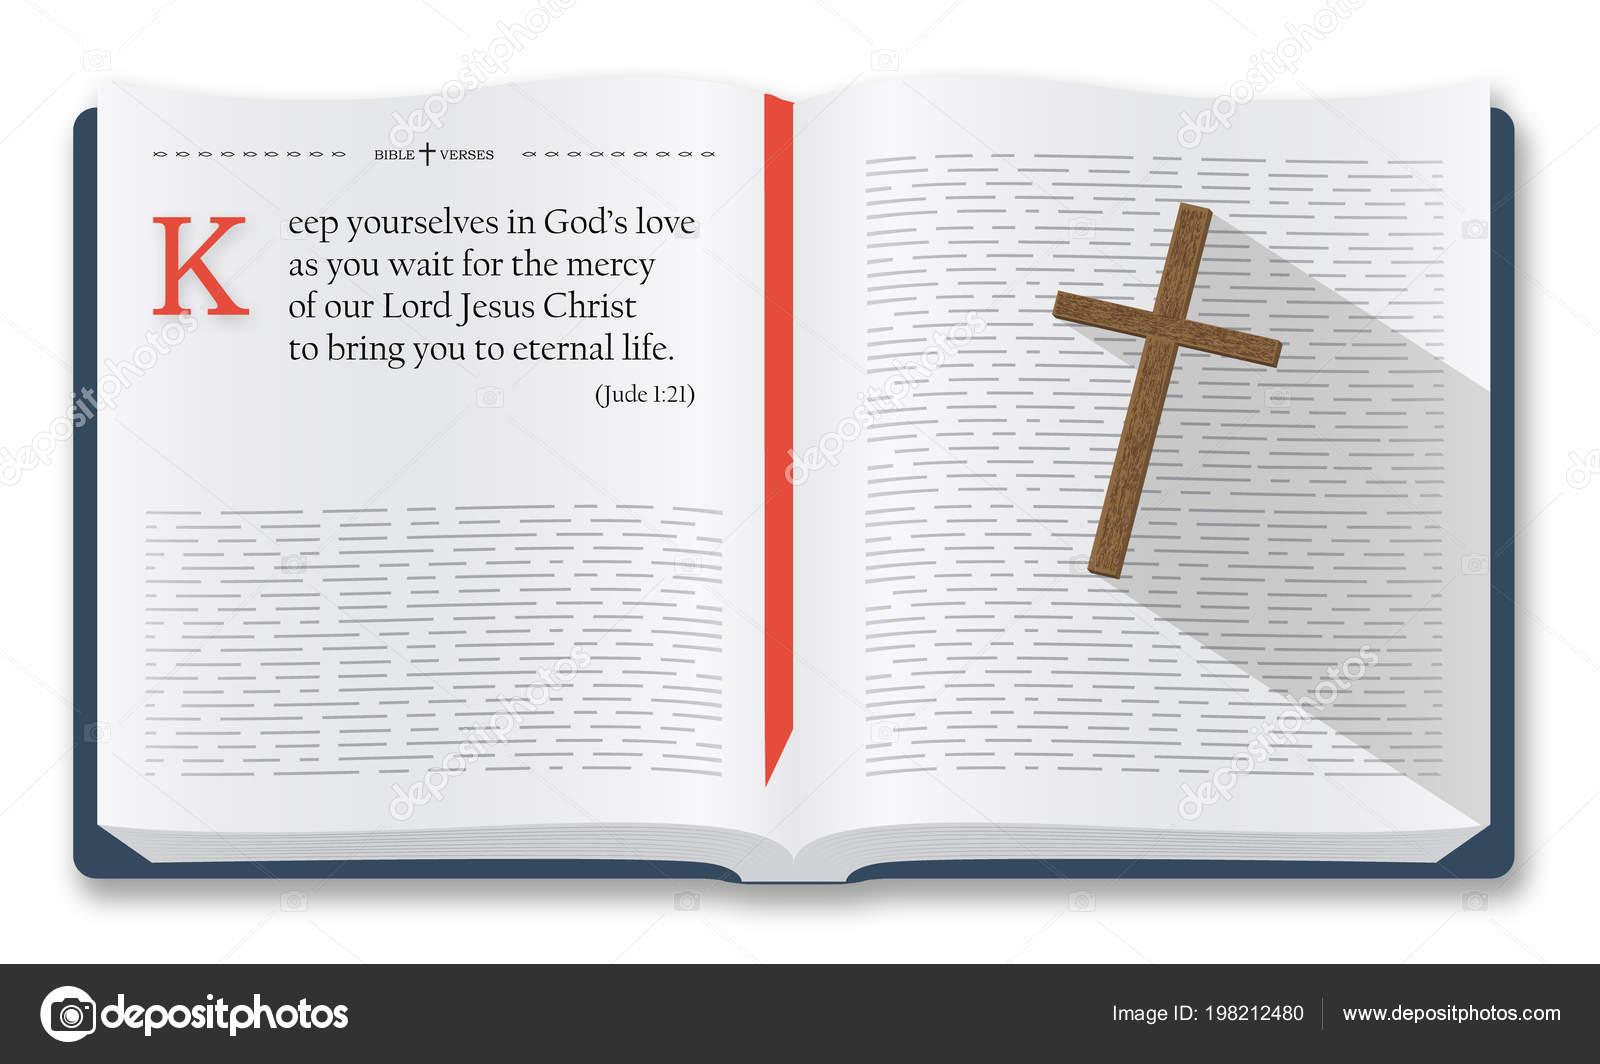 Miglior Versetti Della Bibbia Ricordare Jude Sacra Bibbia